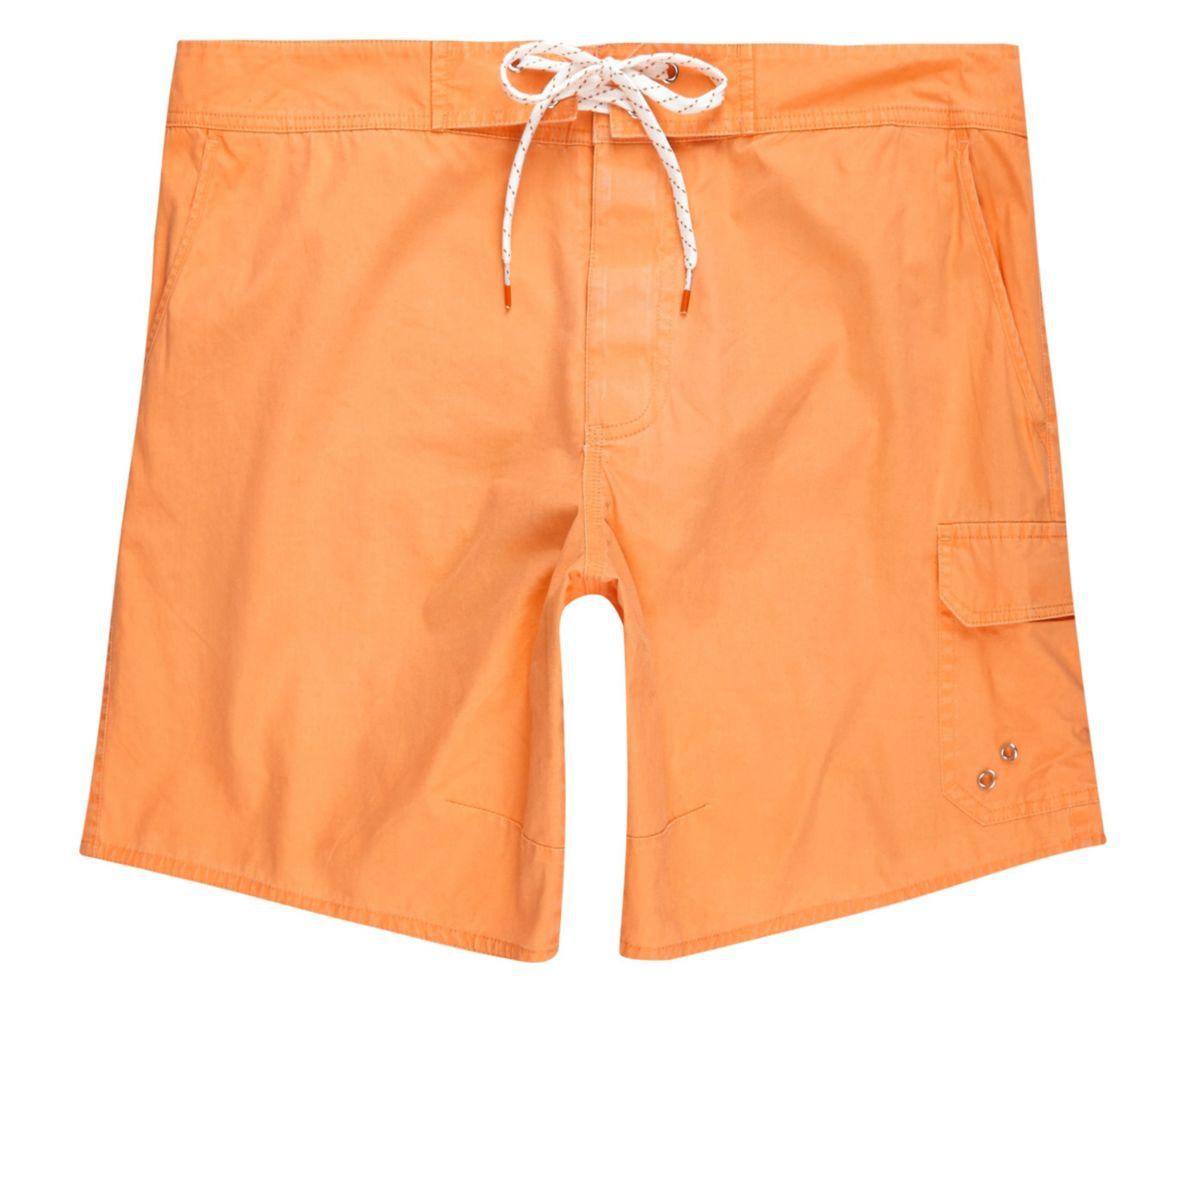 Orange acid wash swim trunks